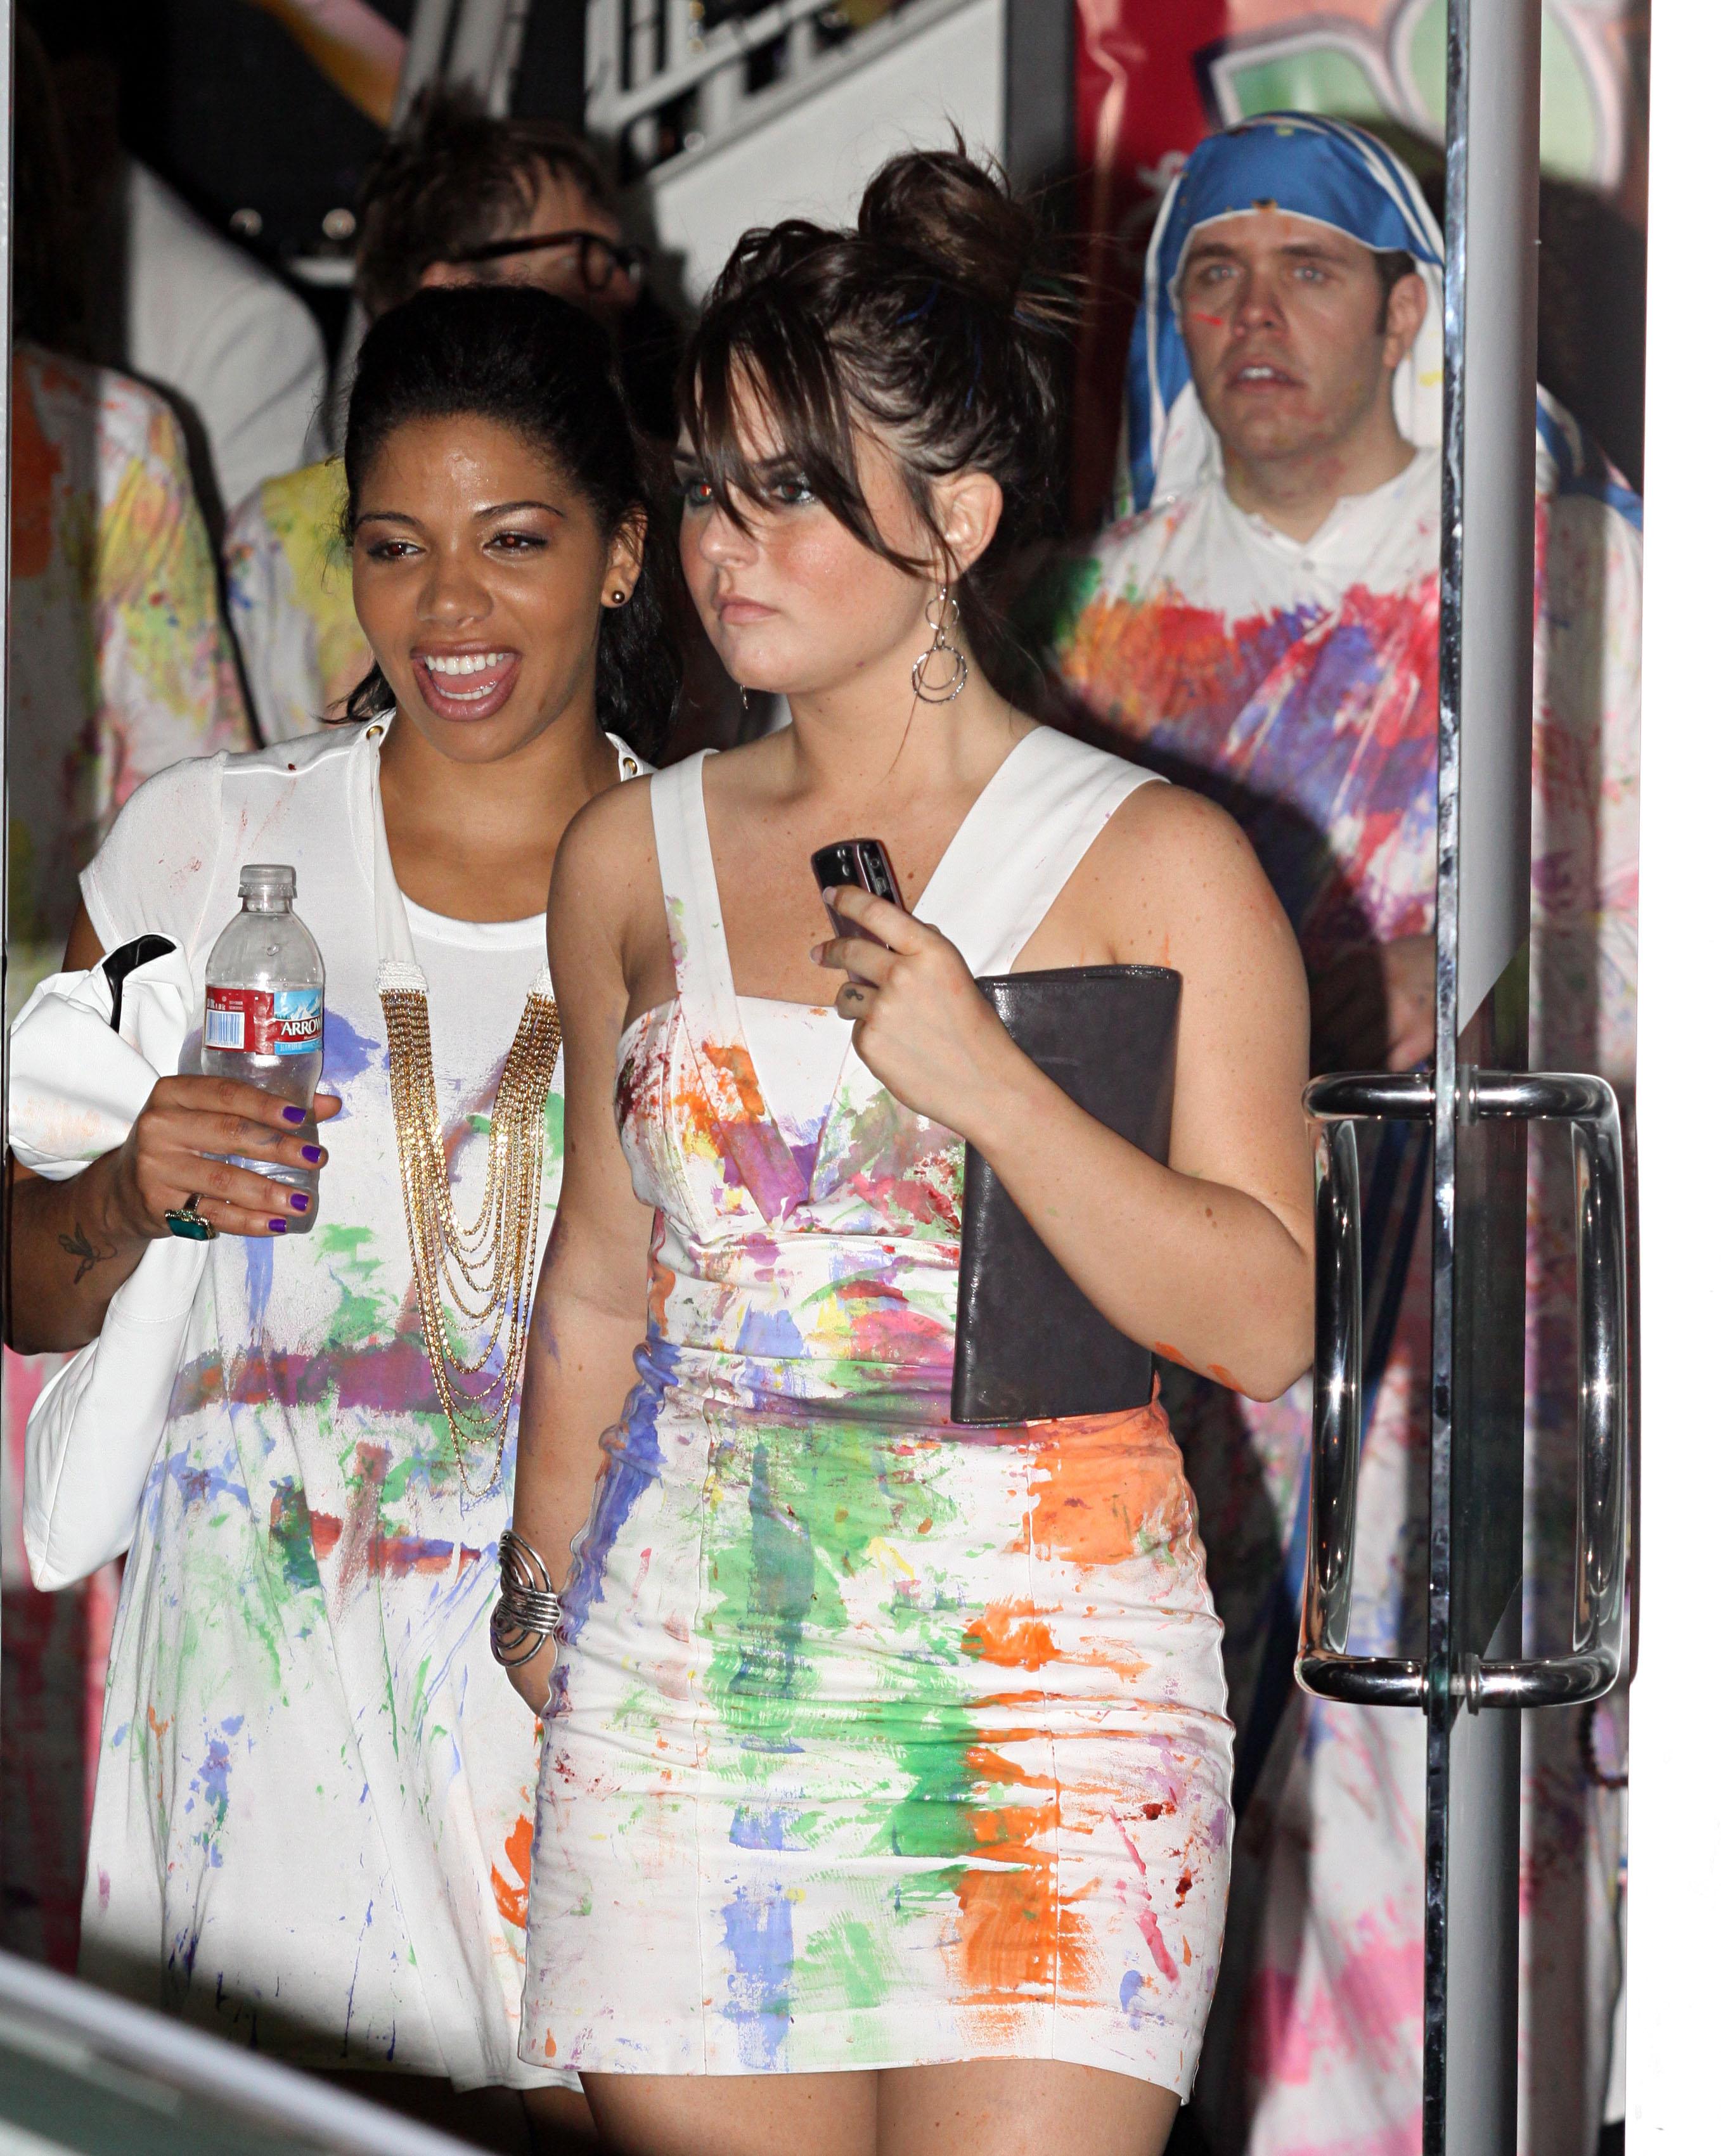 74157_Joanna_JoJo_Levesque_arrives_to_celebrate_Katy_Perrys_25th_birthday_party-9_122_78lo.jpg